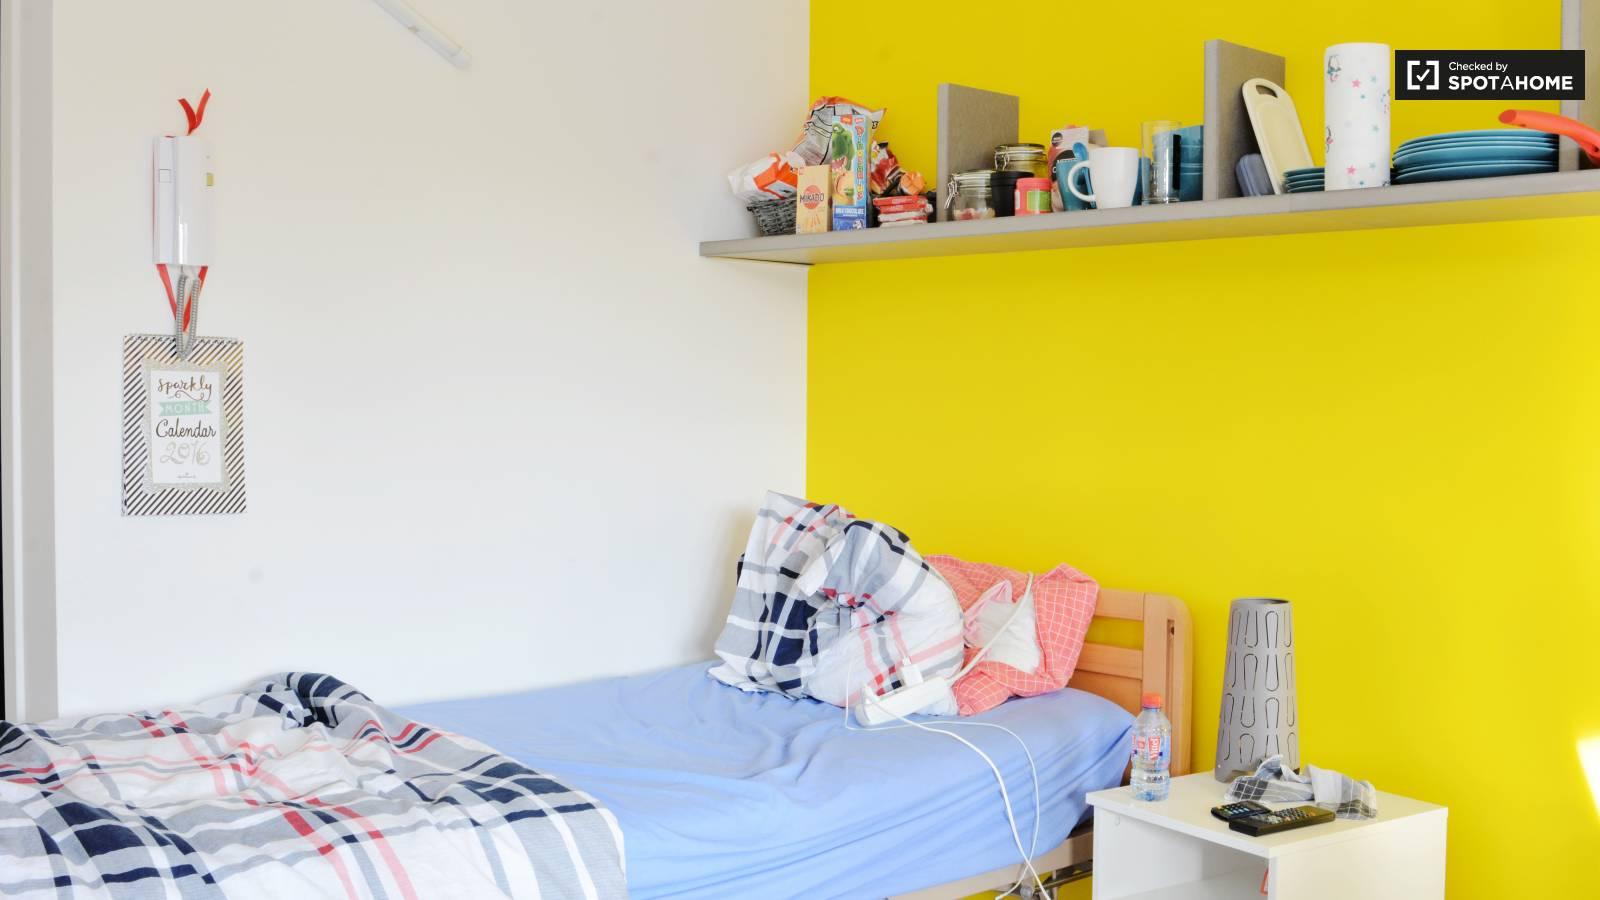 Bedroom type 3